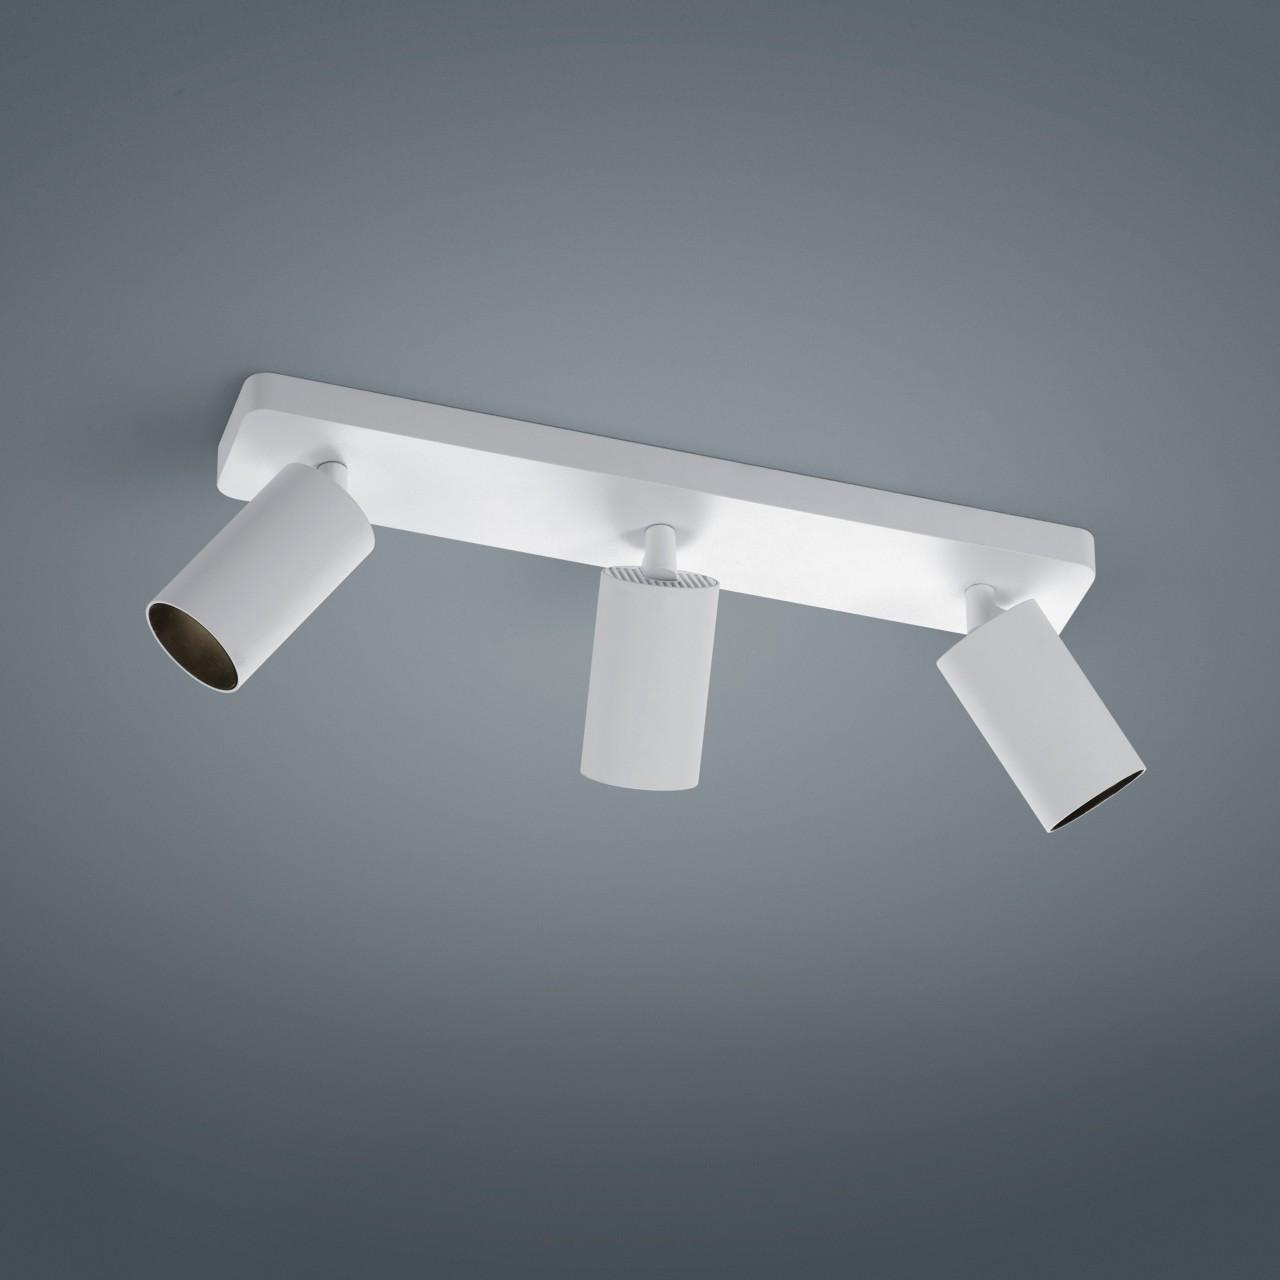 Helestra Riwa LED Deckenleuchte, 3-flg., weiß matt